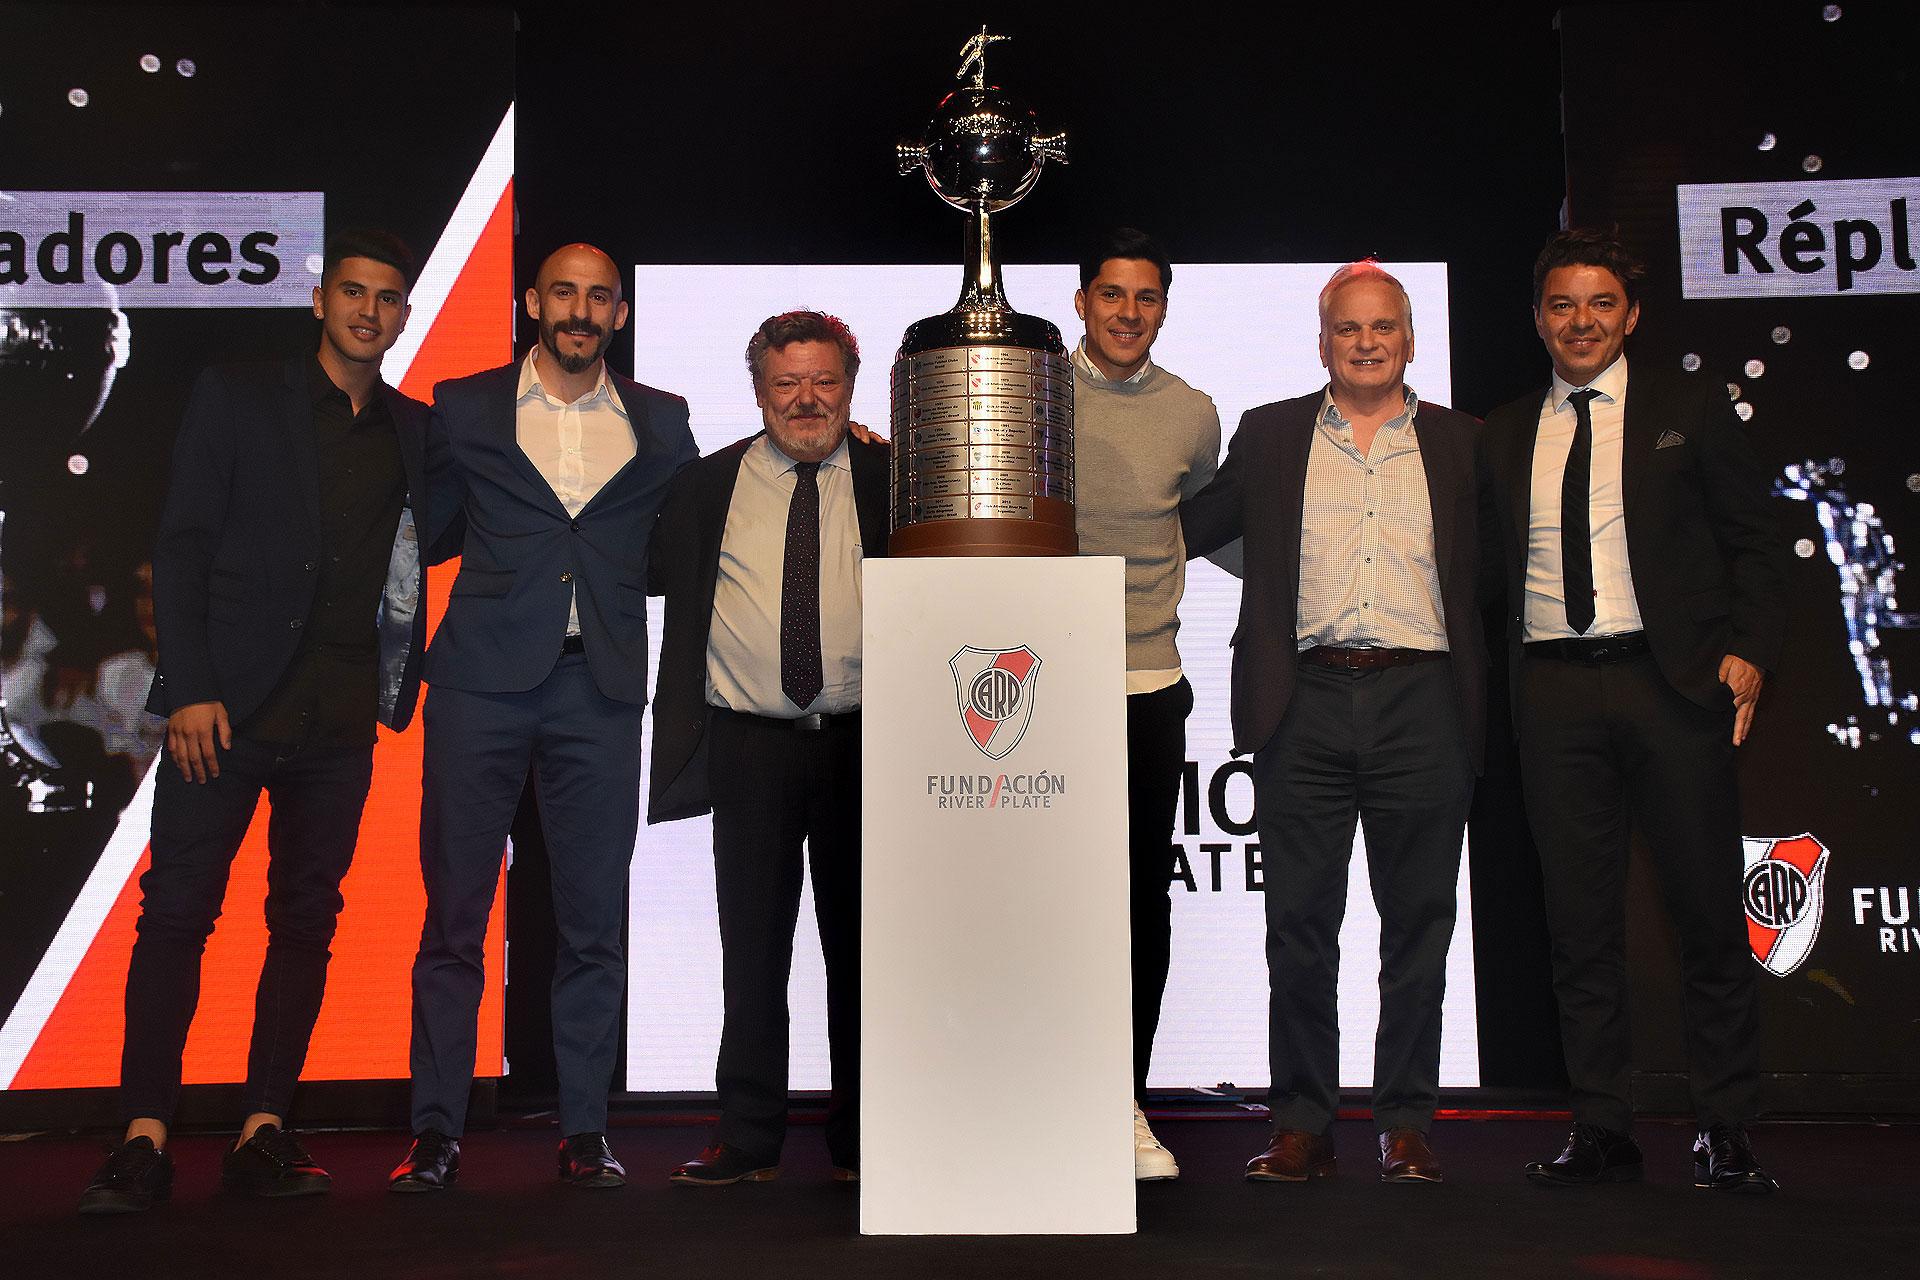 La réplica de la Copa Libertadores fue subastada en $3.000.000